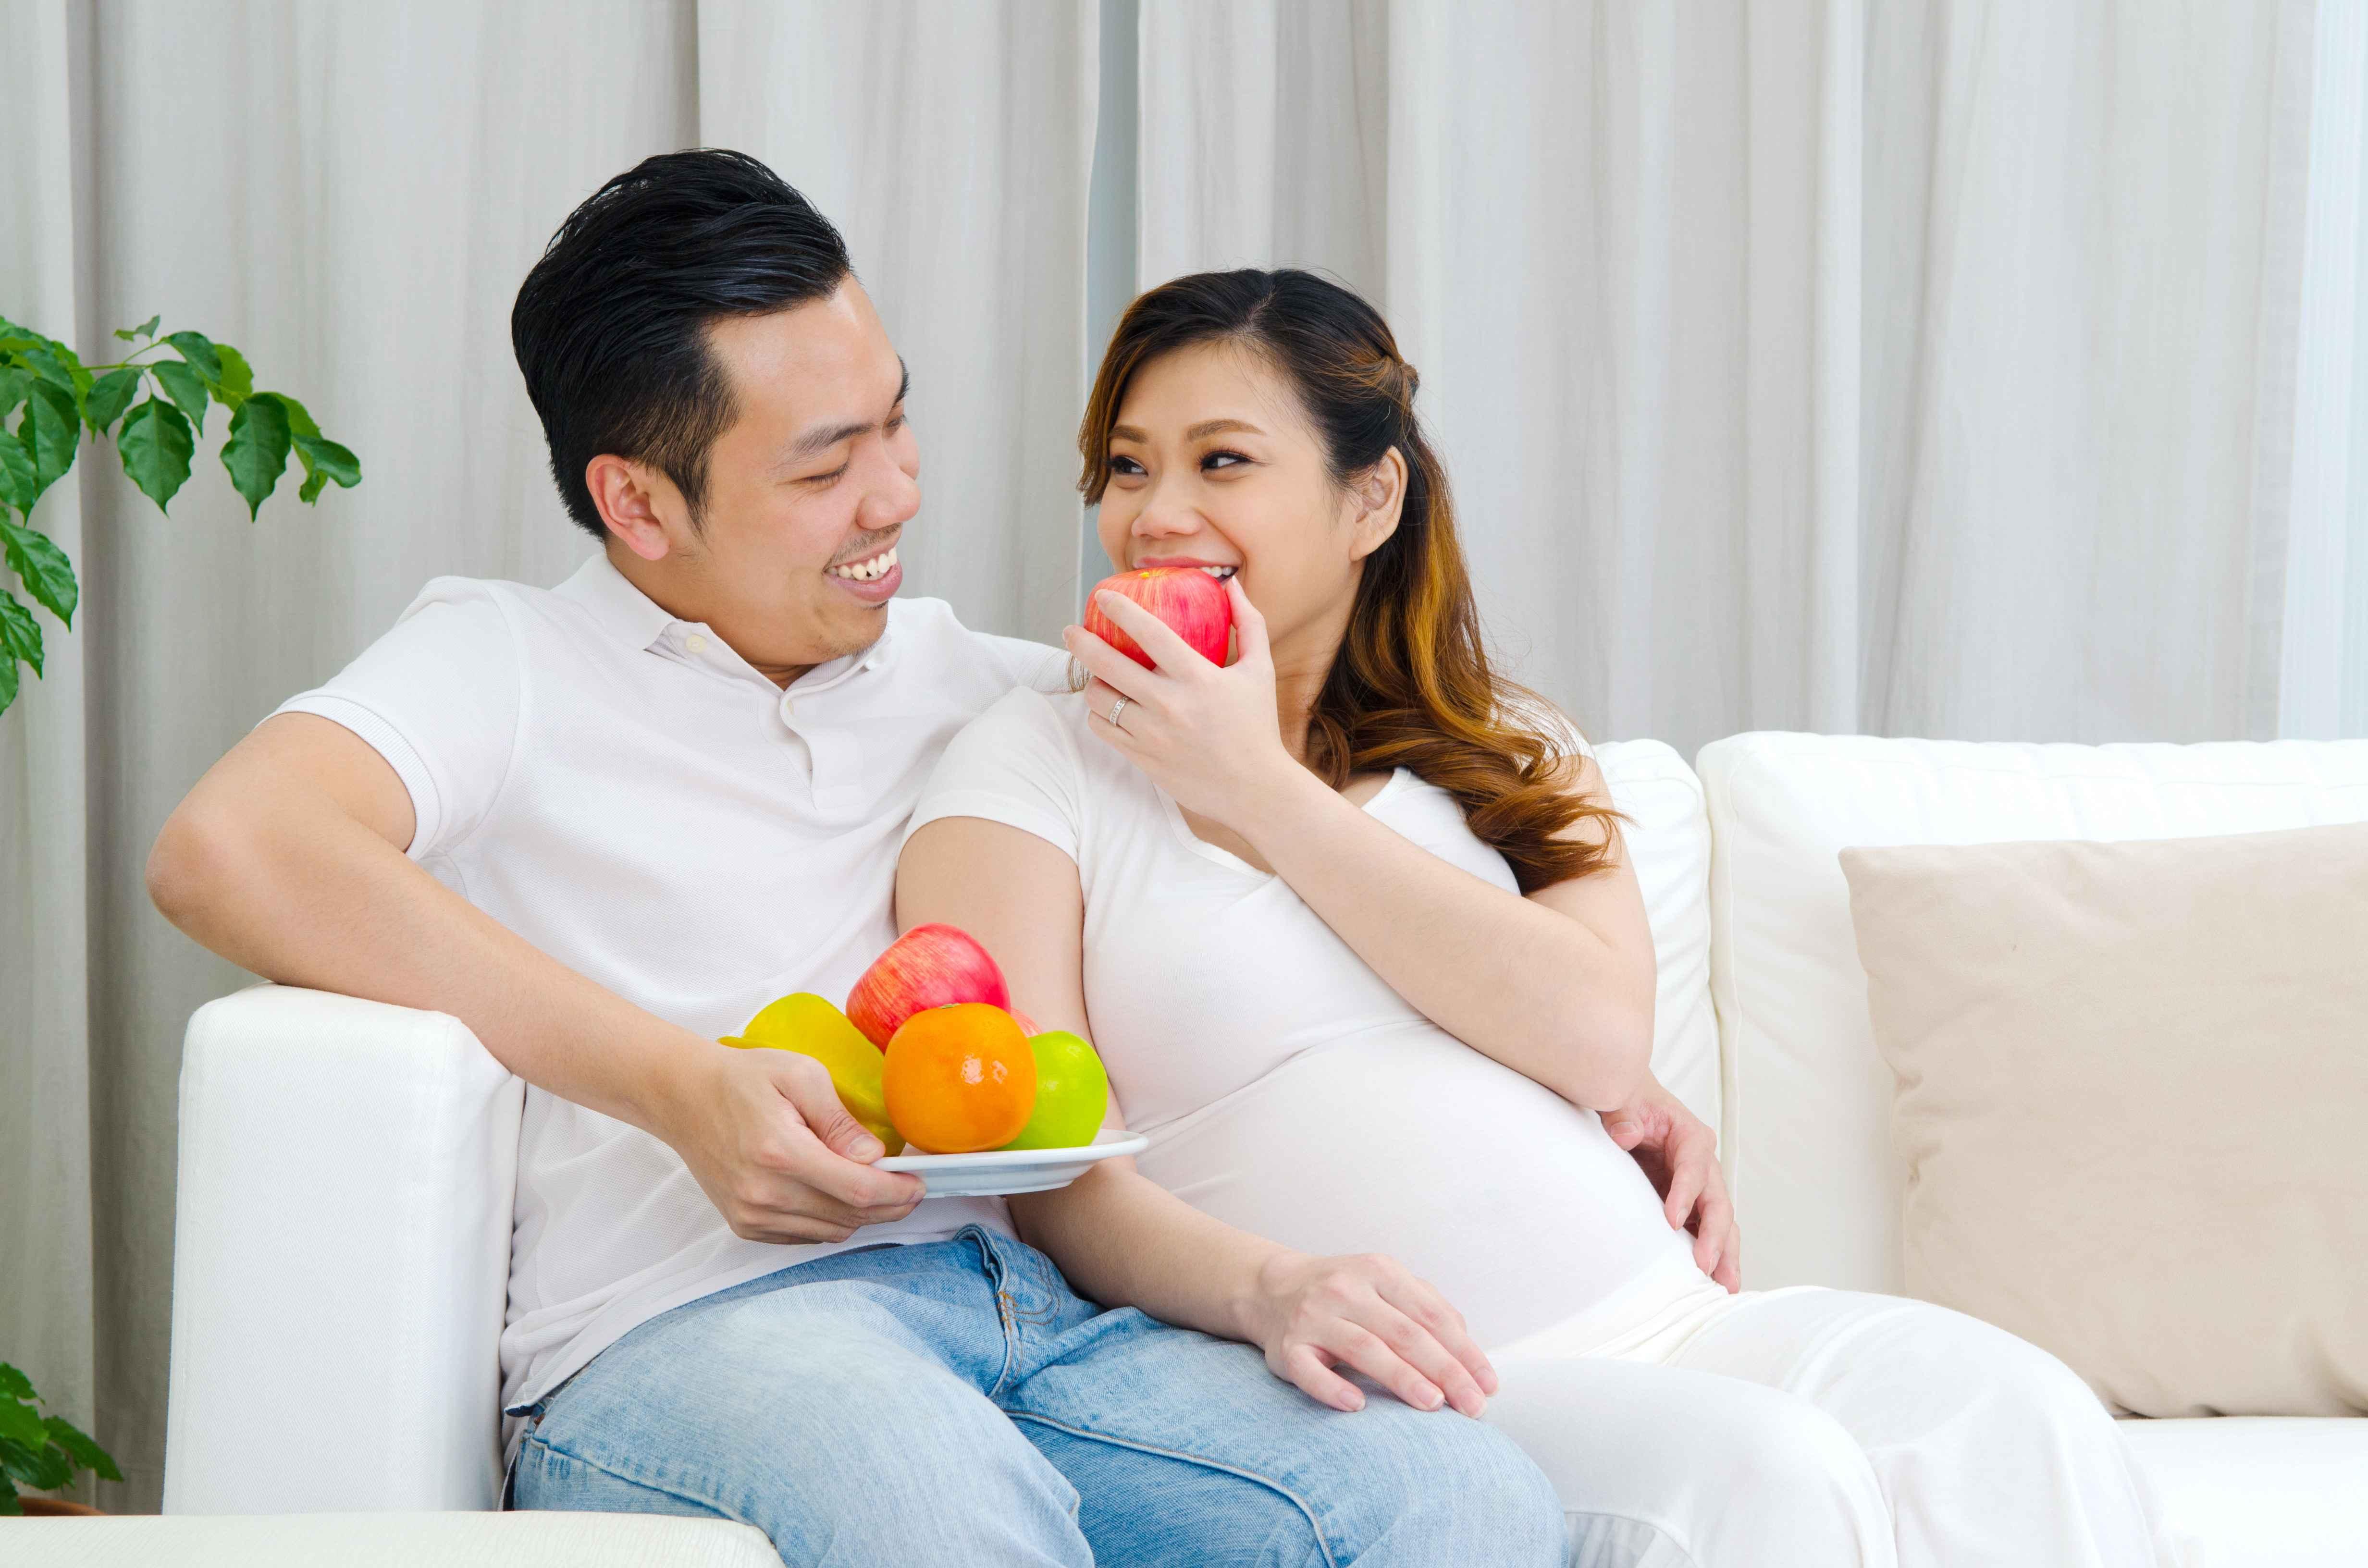 孕期夫妻可以同房吗?掌握以下要点,可以尽情享受!